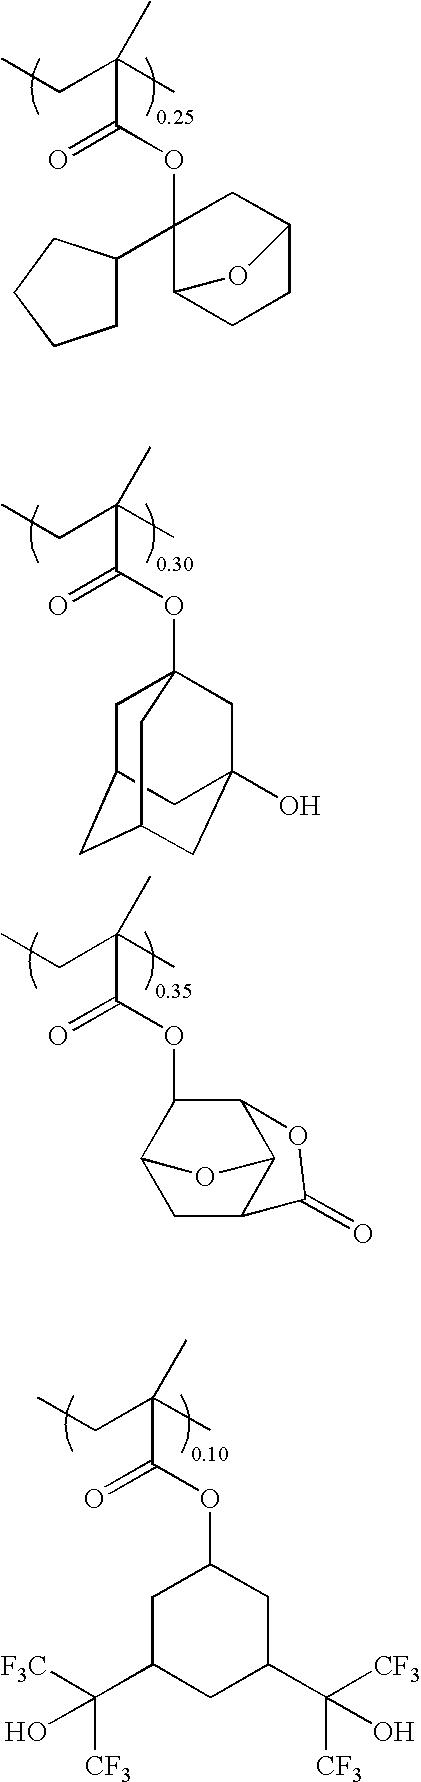 Figure US07368218-20080506-C00064